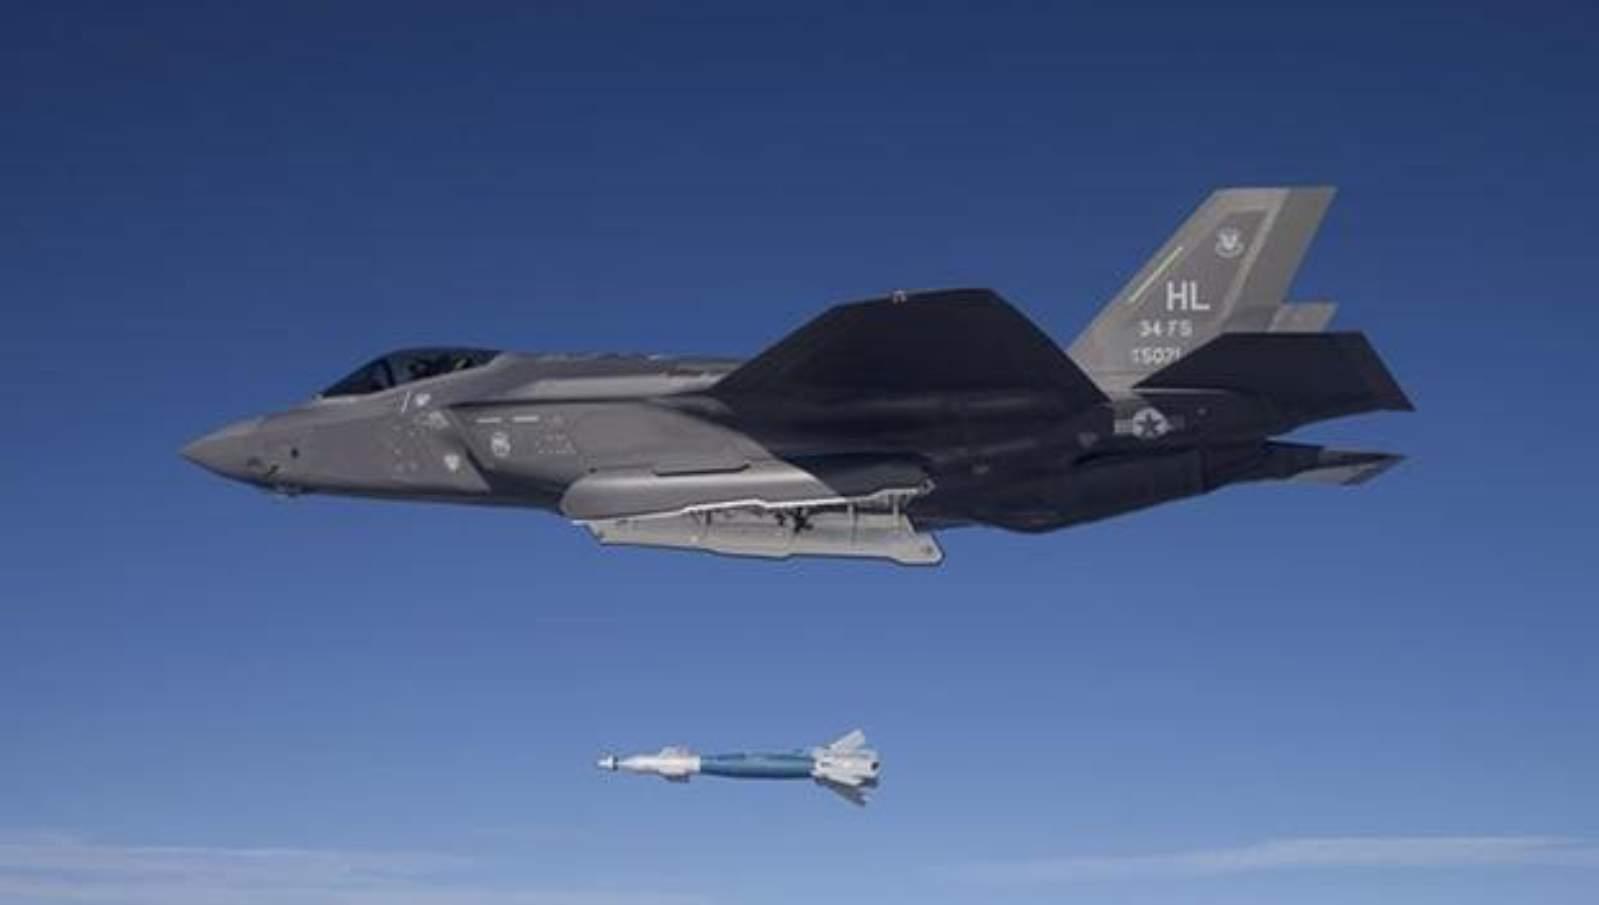 Italia akan mengurangi pembelian pesawat tempur Amerika F-35